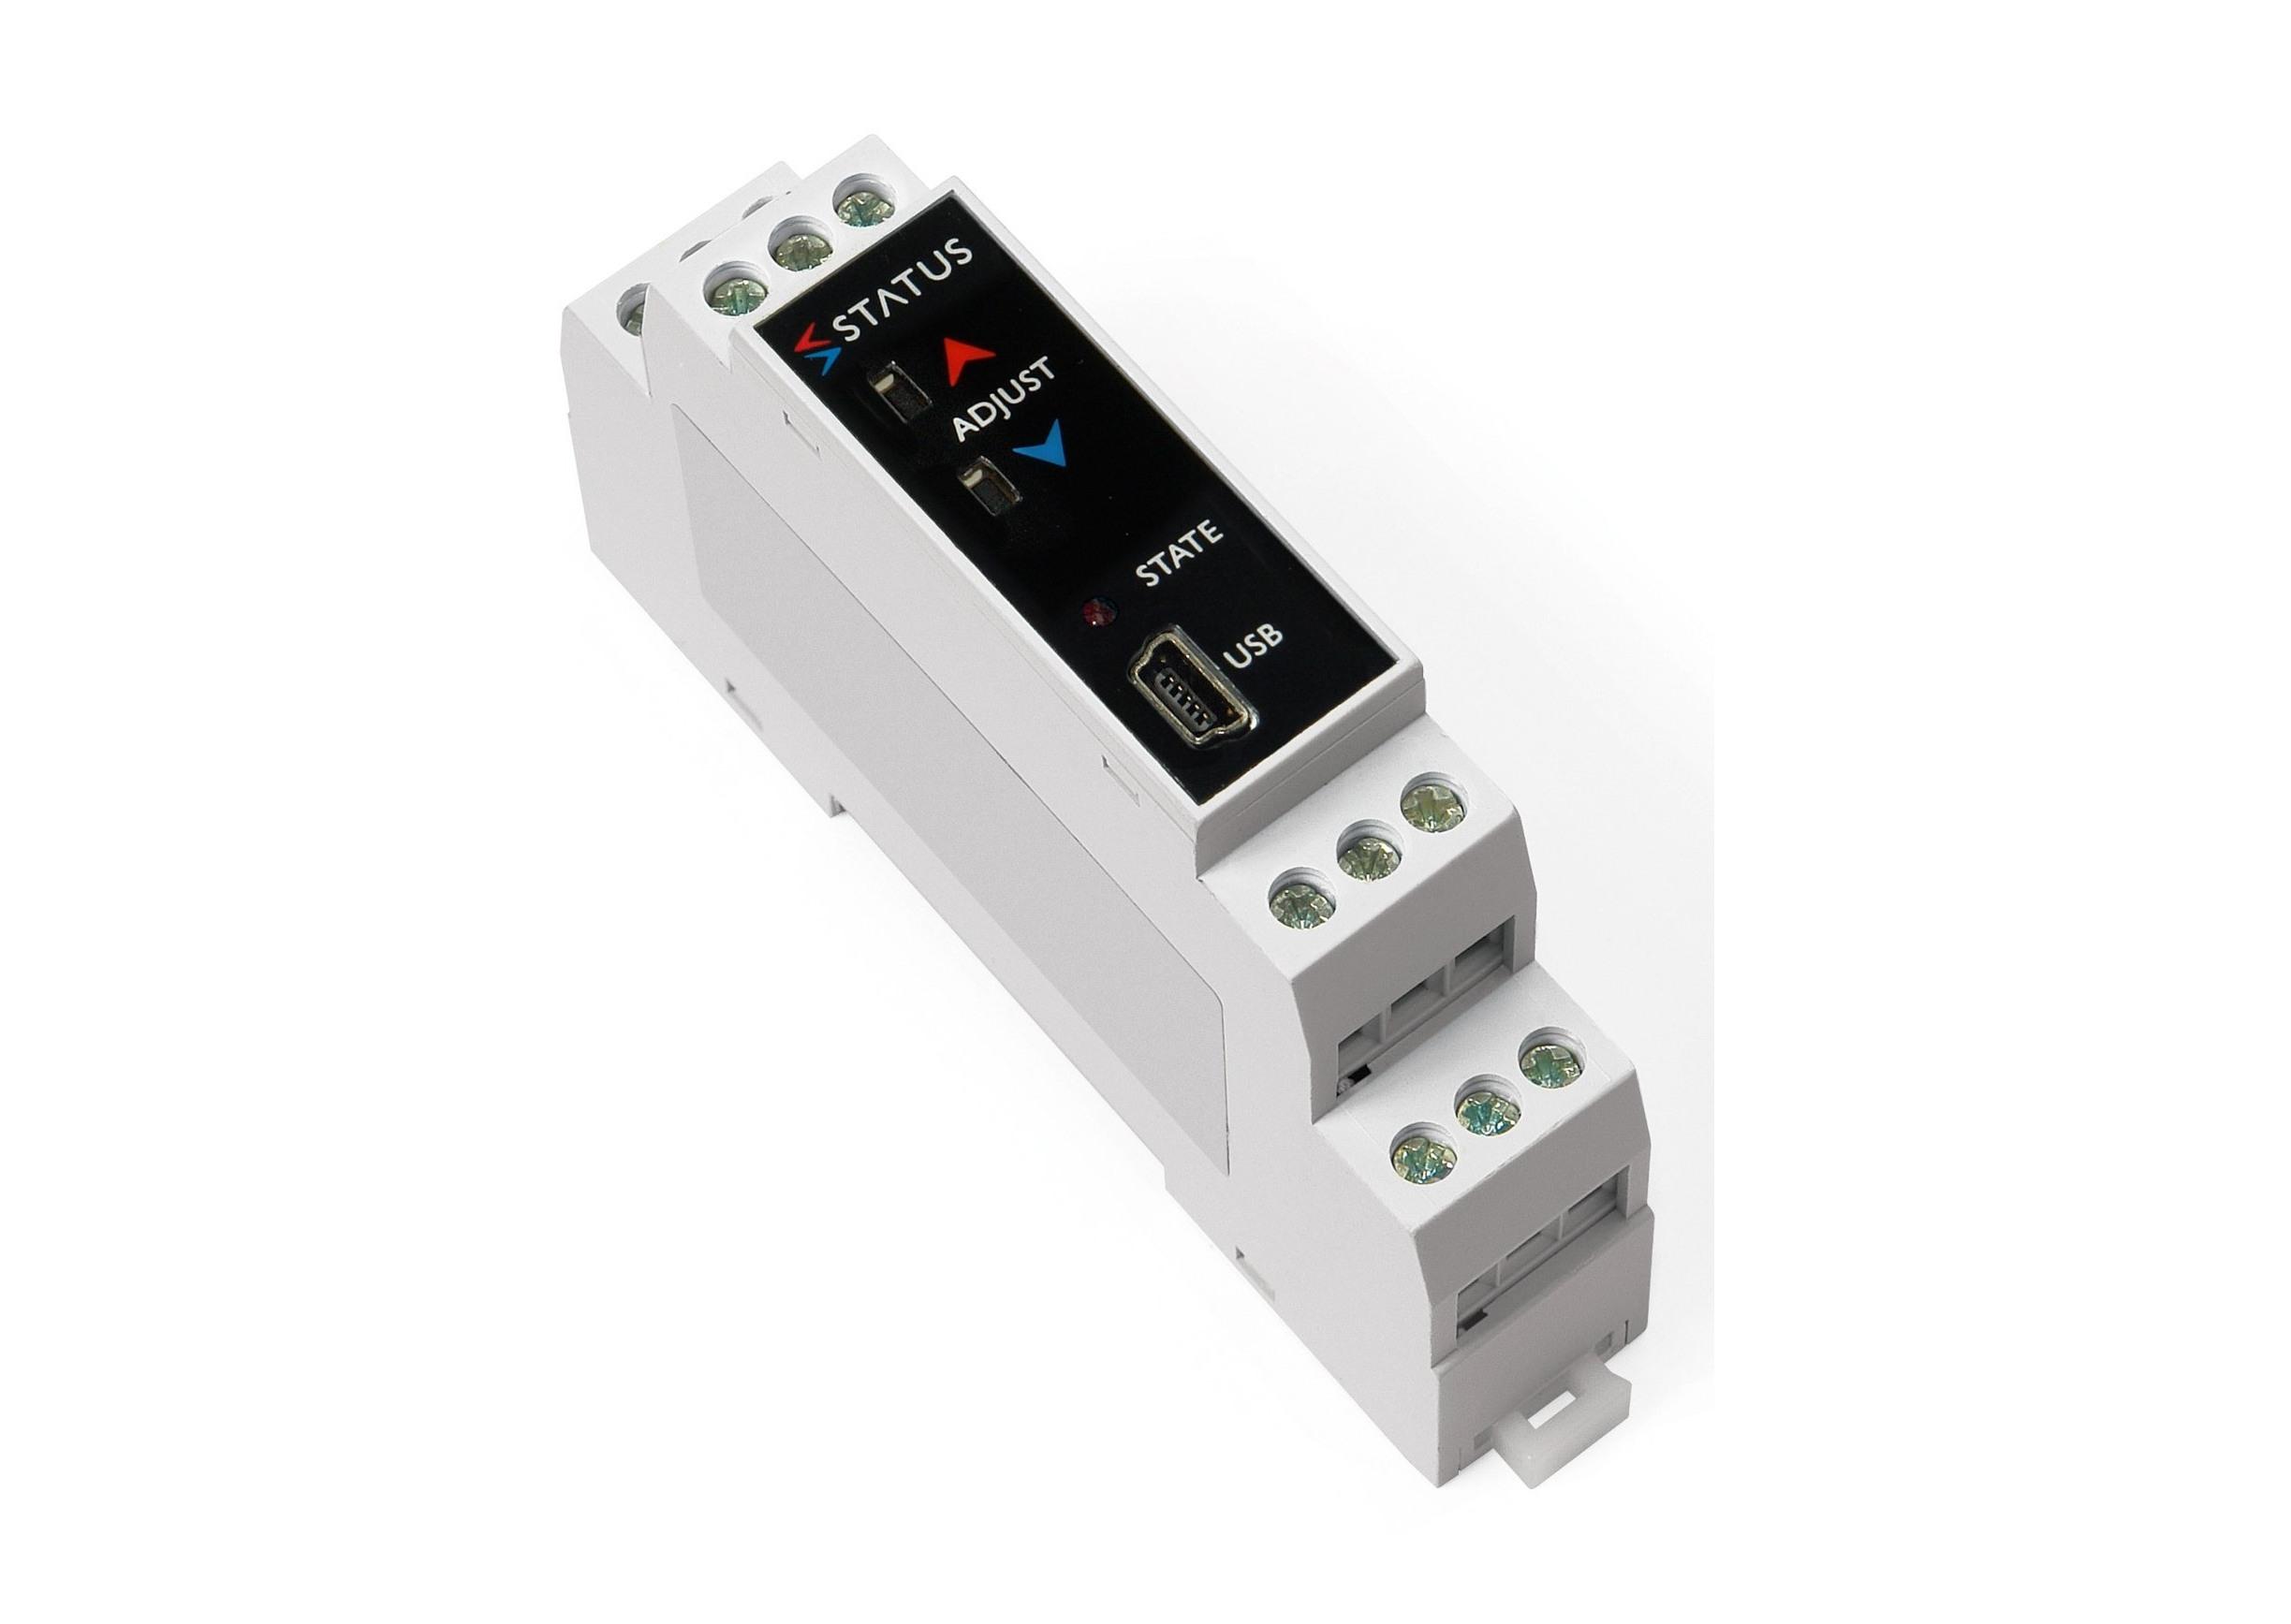 SEM1600B - adatto per Strain-Gauge / sensori a cella di carico